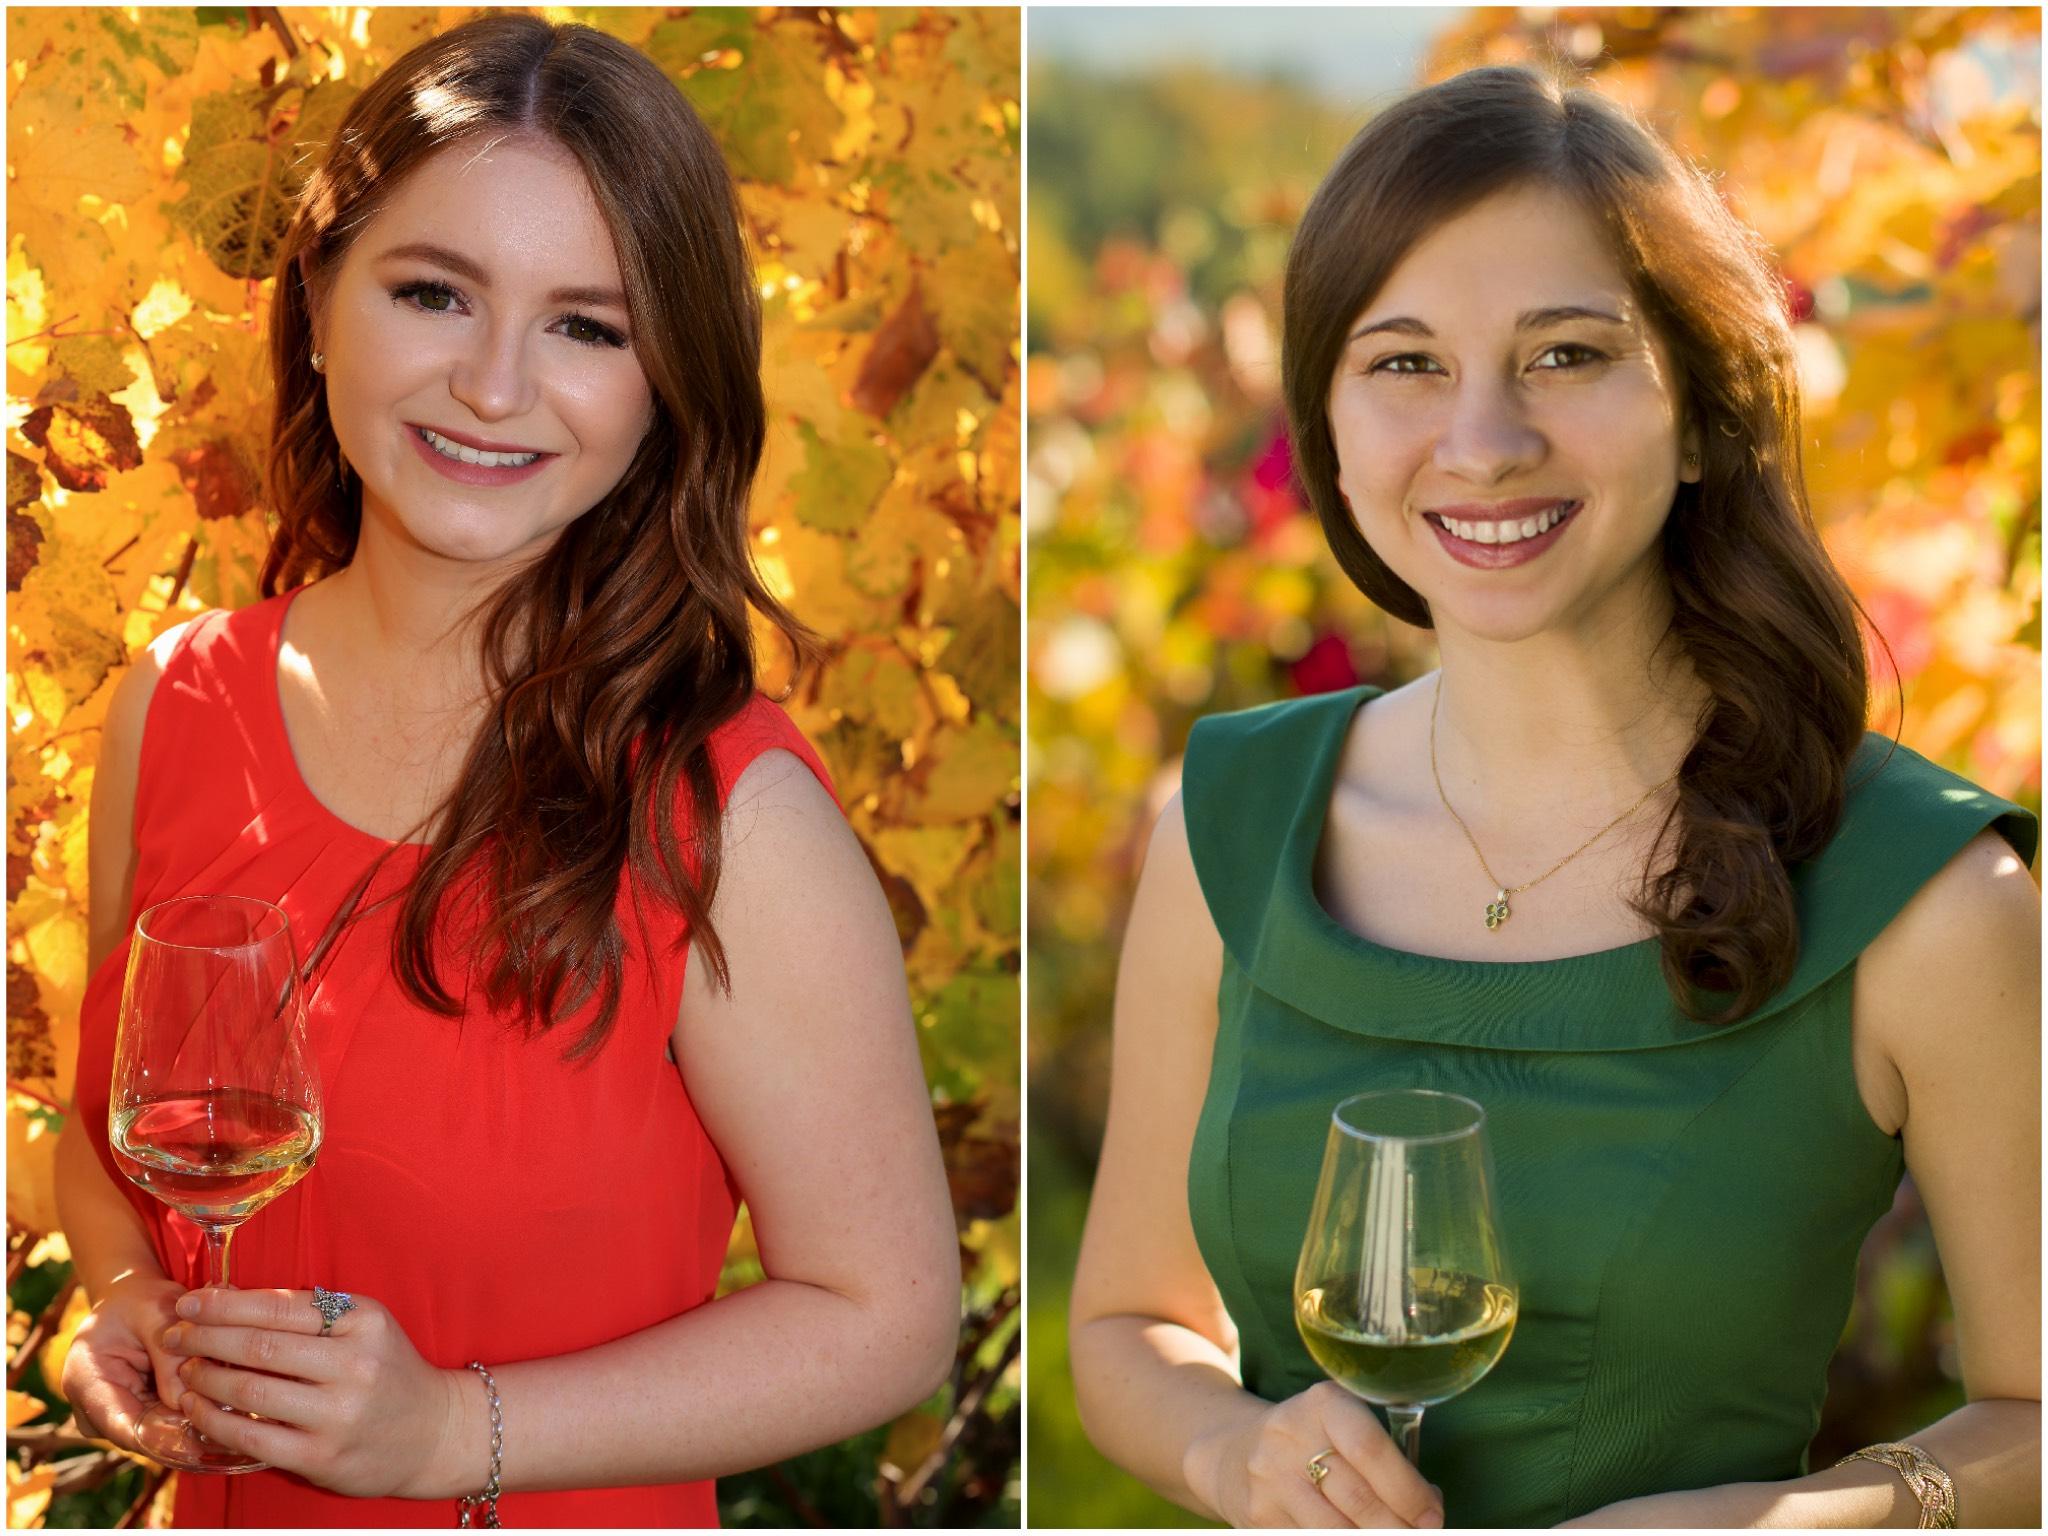 Magdalena Bauer (links) und Sophia Kron (rechts). Fotos: Fränkischer Weinbauverband e.V.